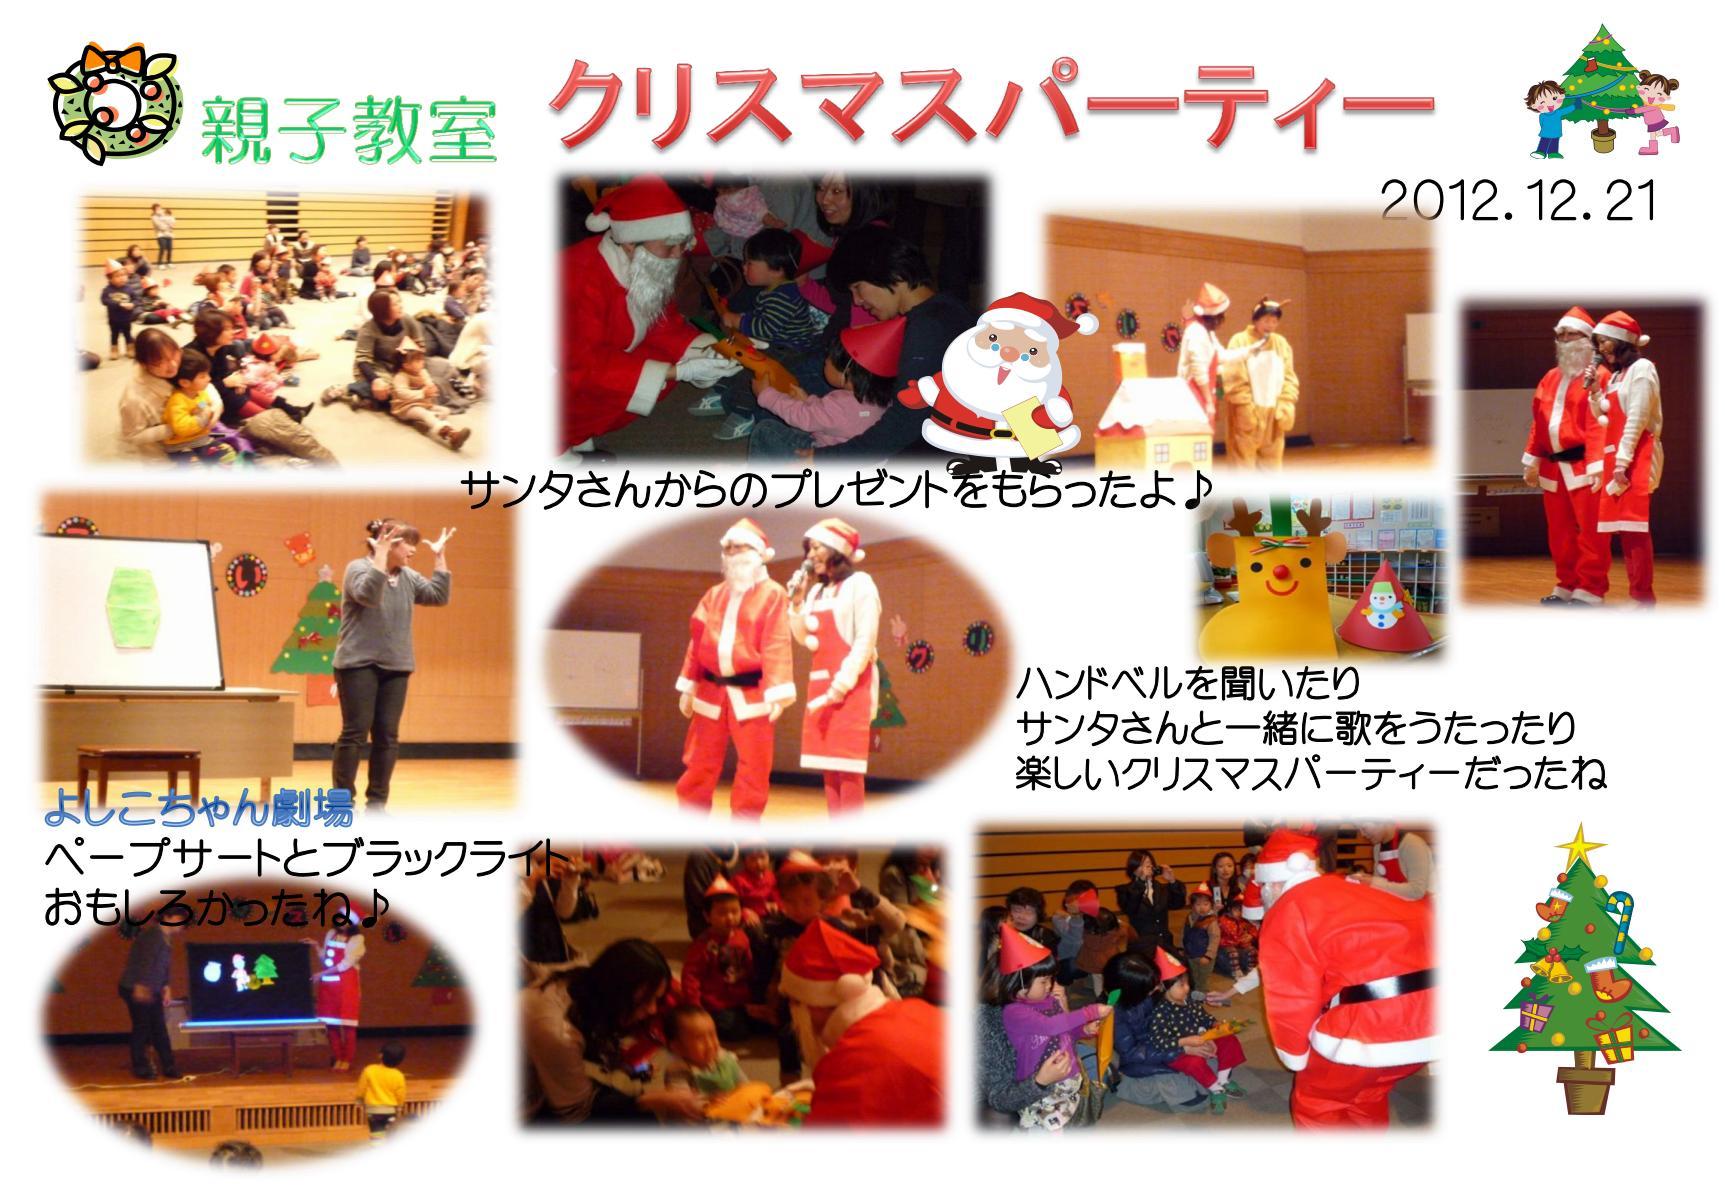 20121221クリスマスパーティ